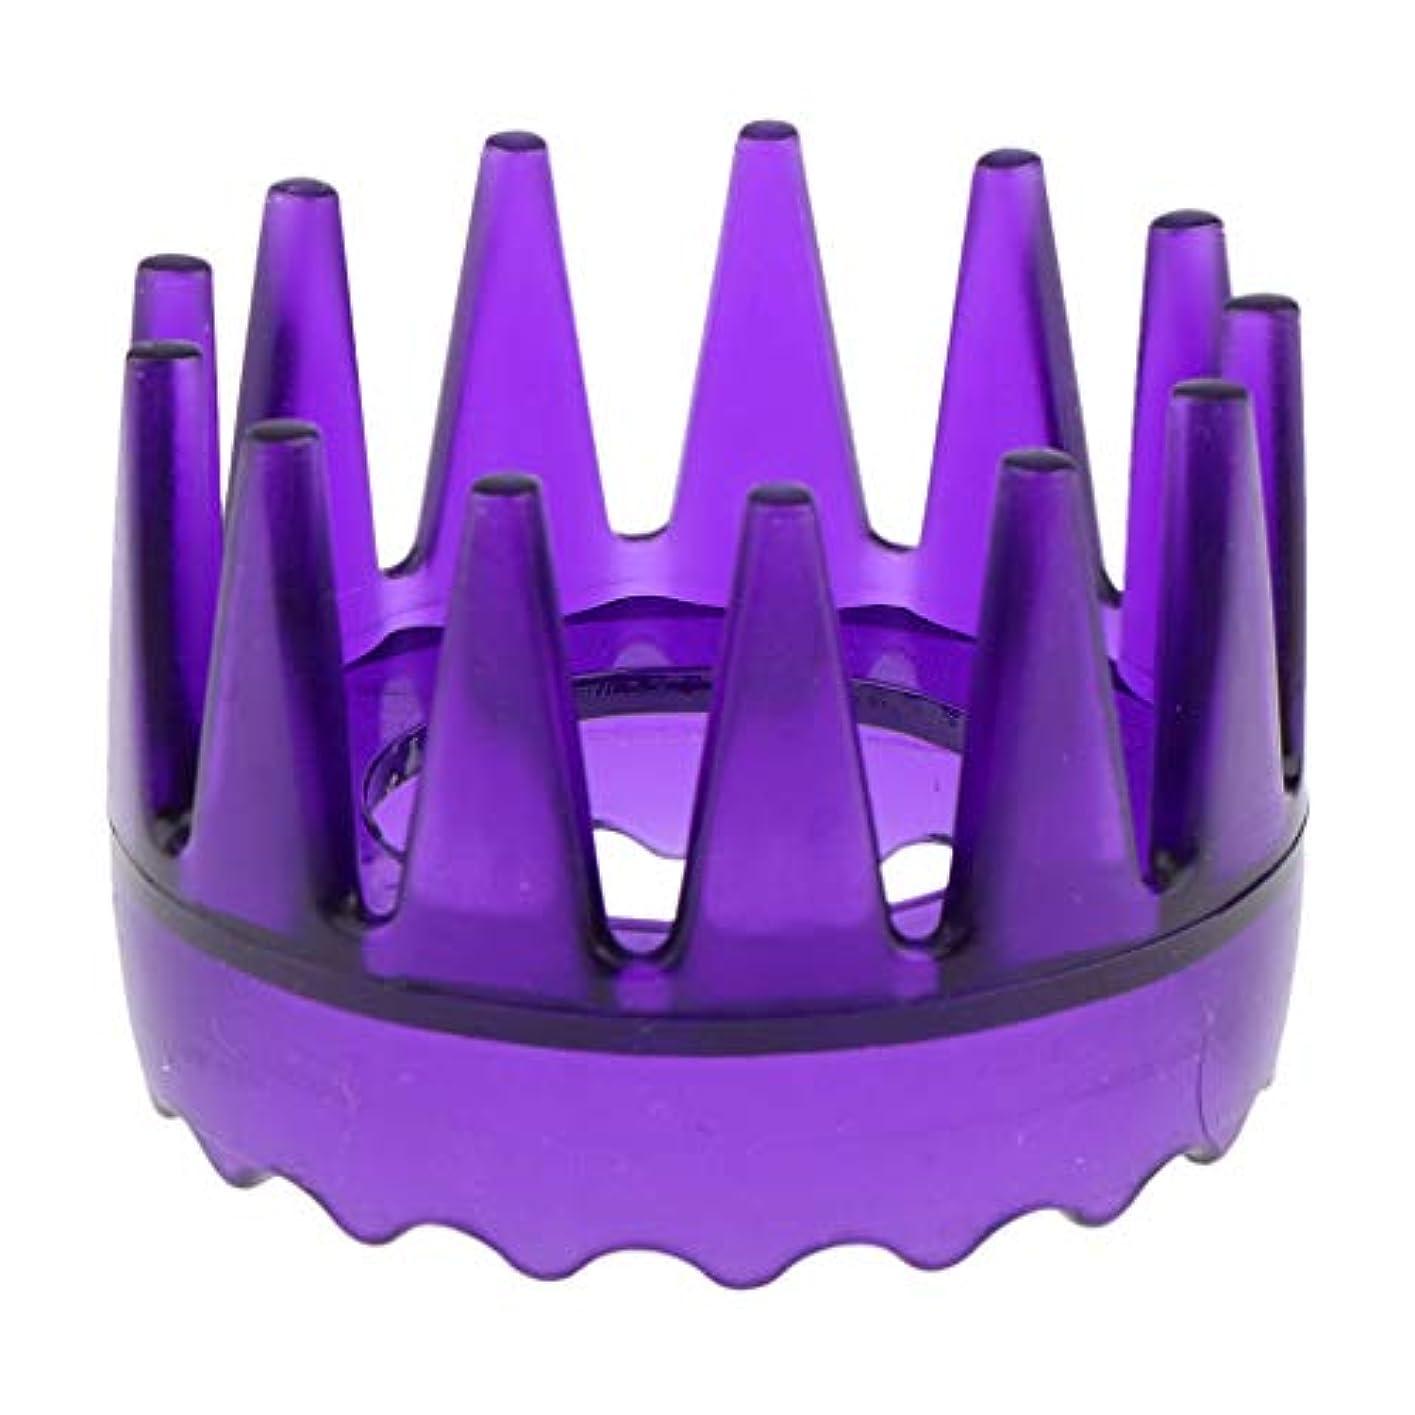 エンゲージメント旋律的億T TOOYFUL 頭皮マッサージブラシ ヘアブラシ ヘアコーム ヘアケア シャワー 洗髪櫛 滑り止め 全4色 - 紫